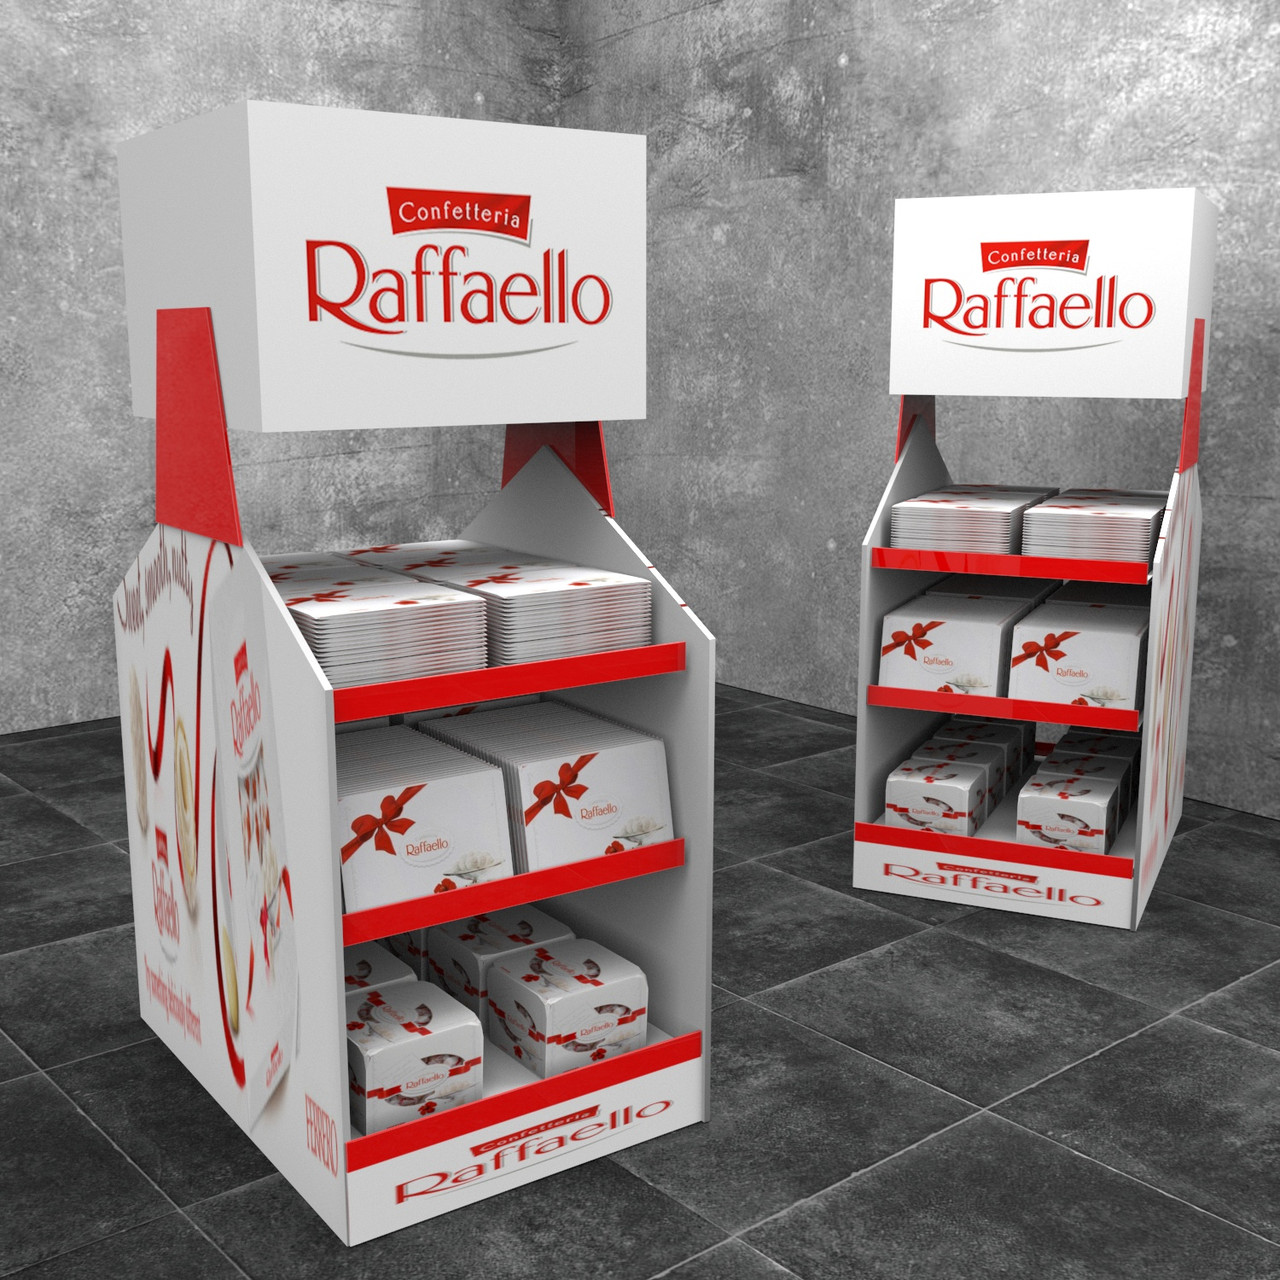 Торговая мебель 🛒 для Raffaello